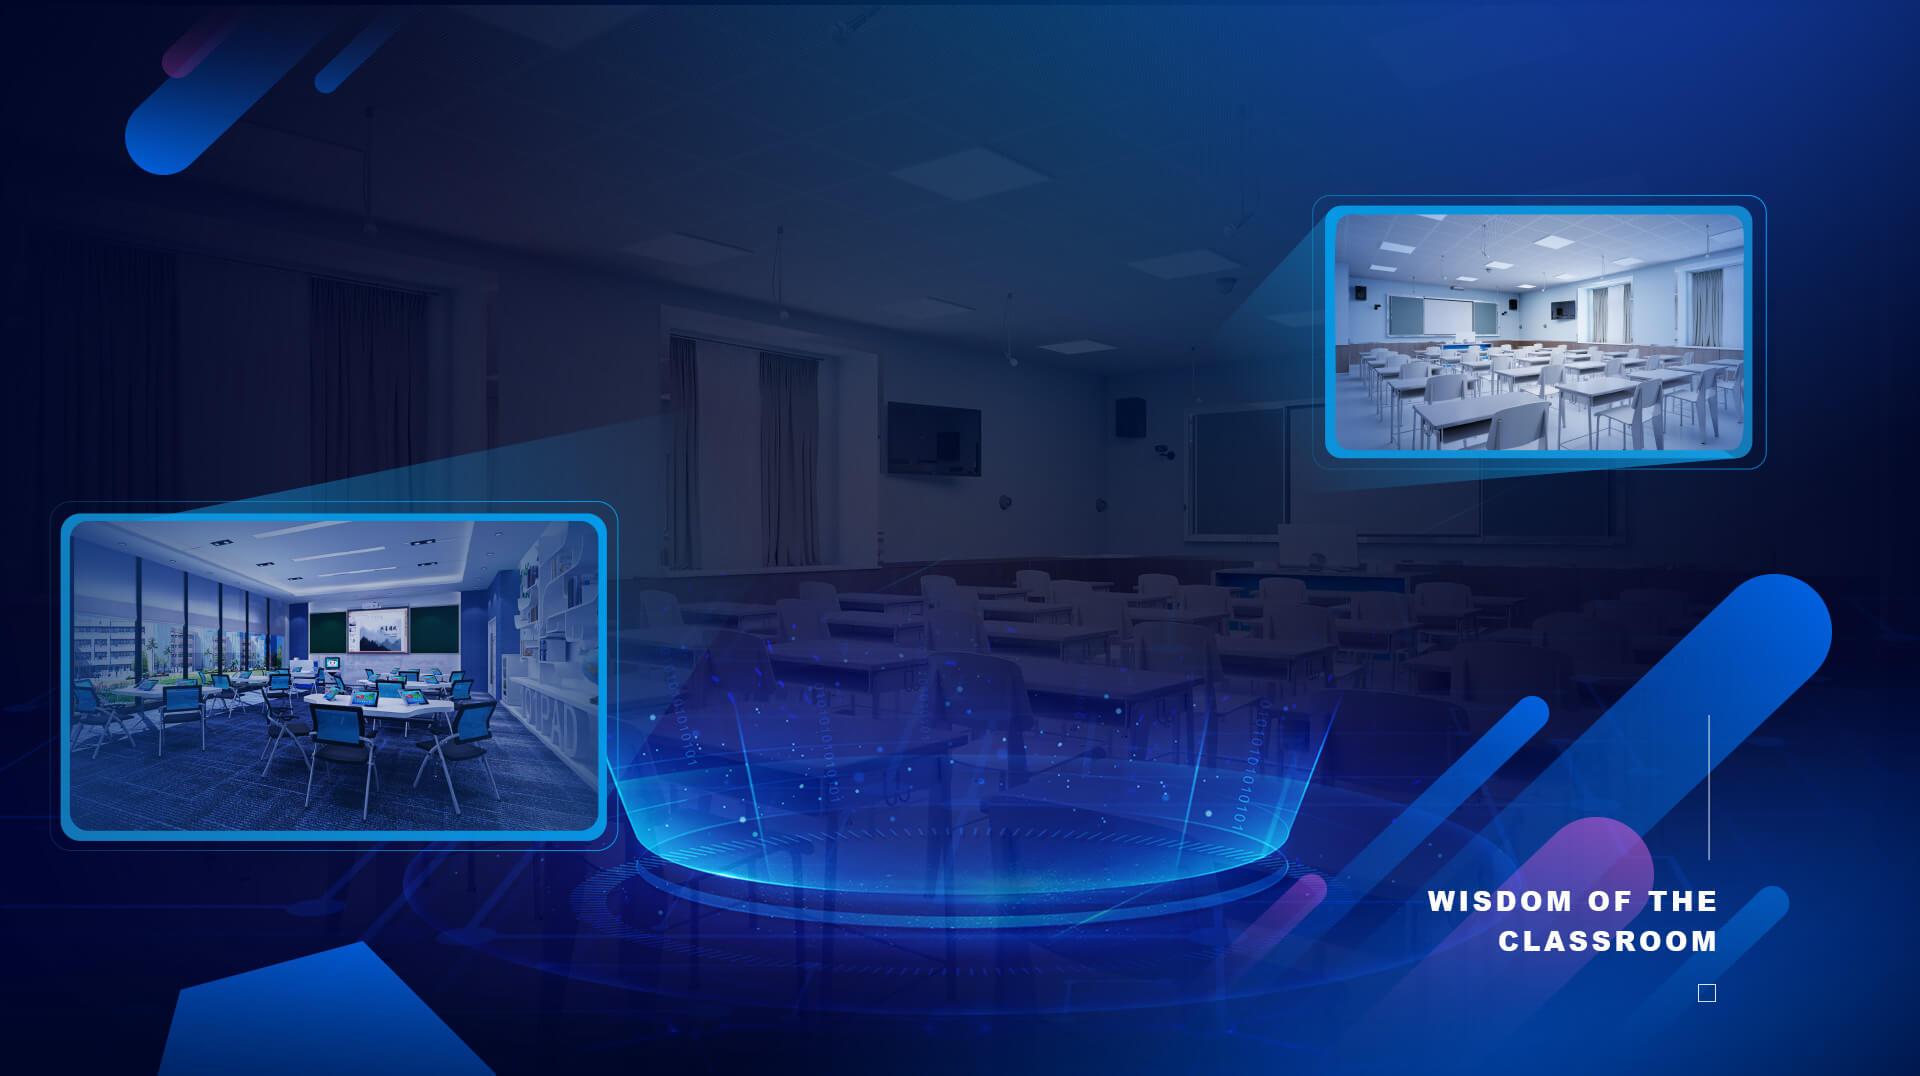 智慧教室背景